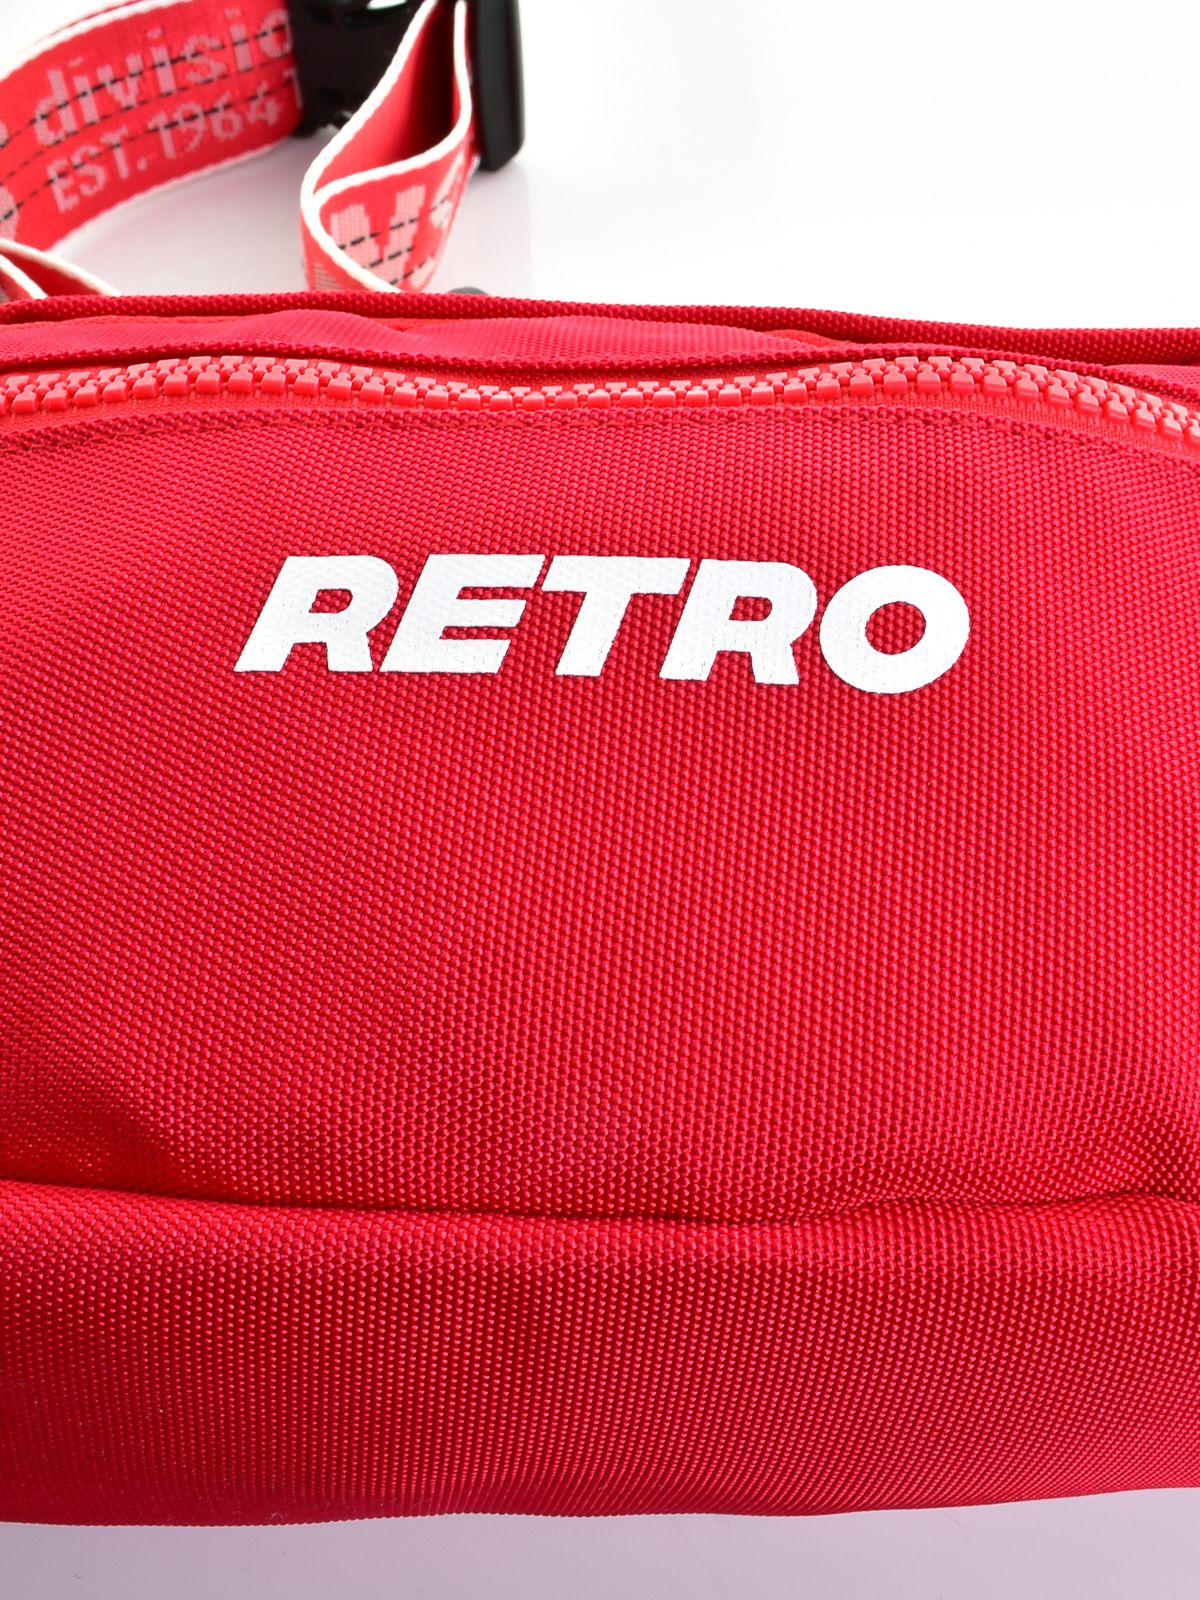 ... Retro Jeans unisex övtáska BROOKE BAG ... 1ee57ea05e